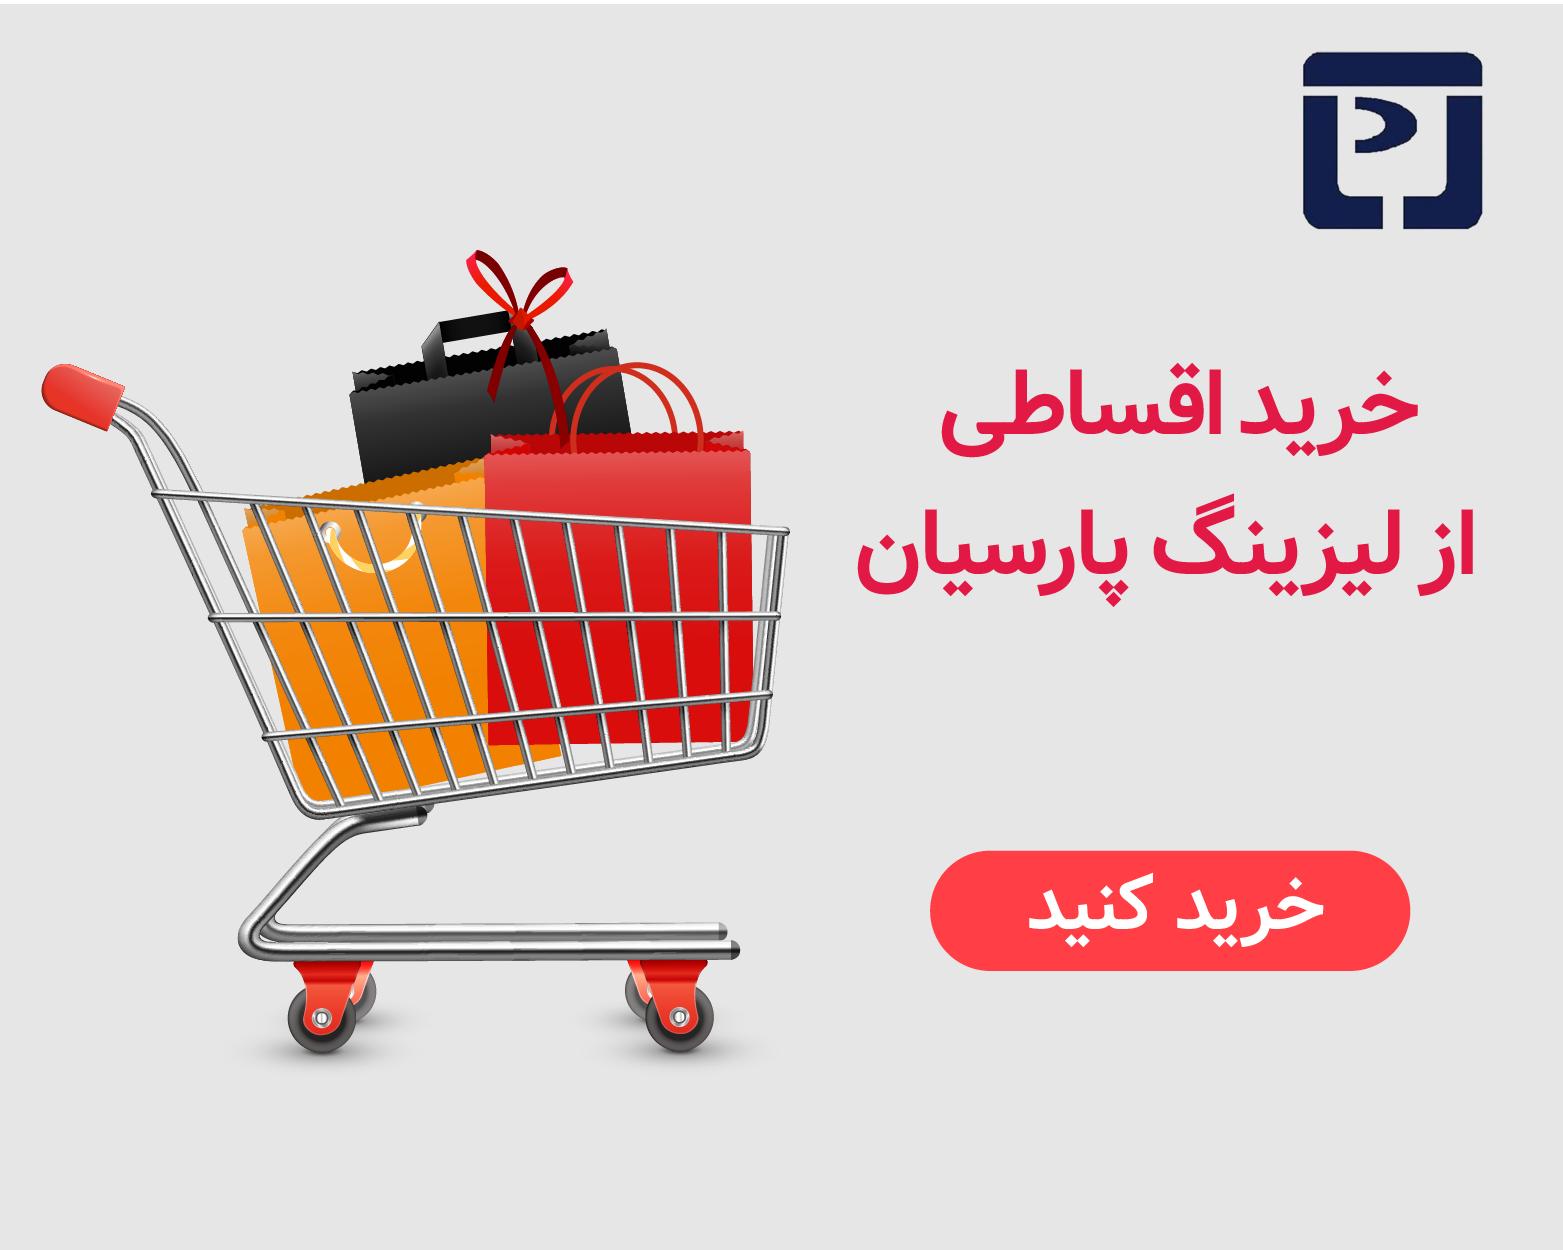 درخواست خرید اقساطی از لیزینگ پارسیان